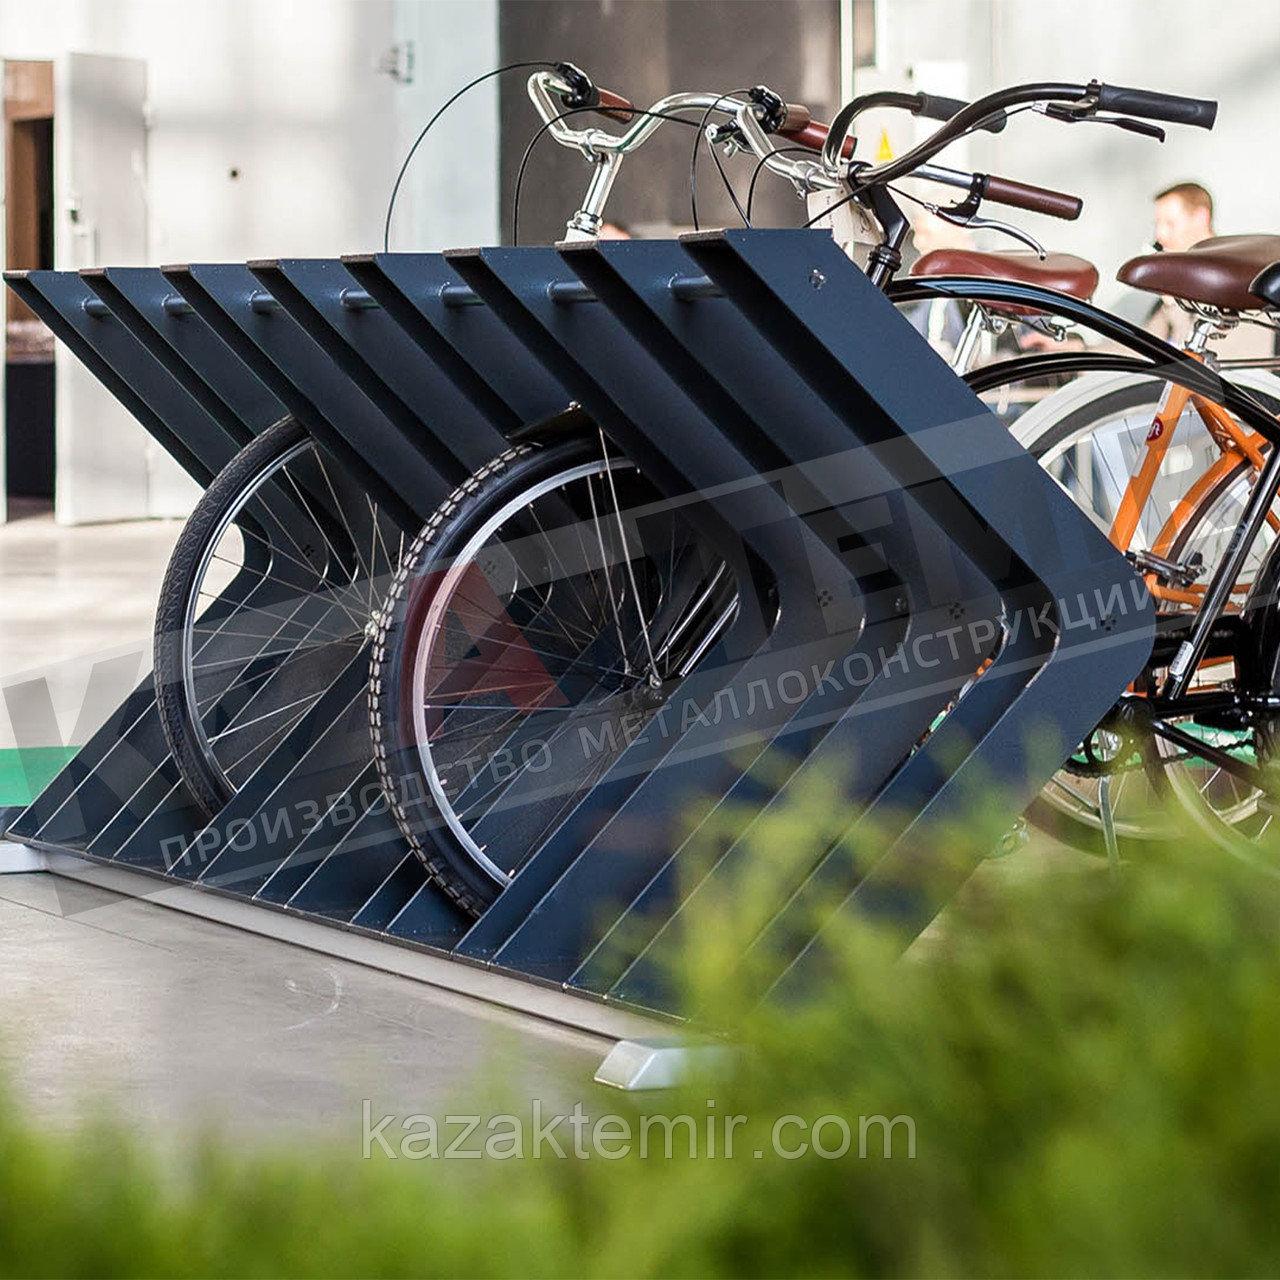 Велопарковка на 7 мест - фото 3